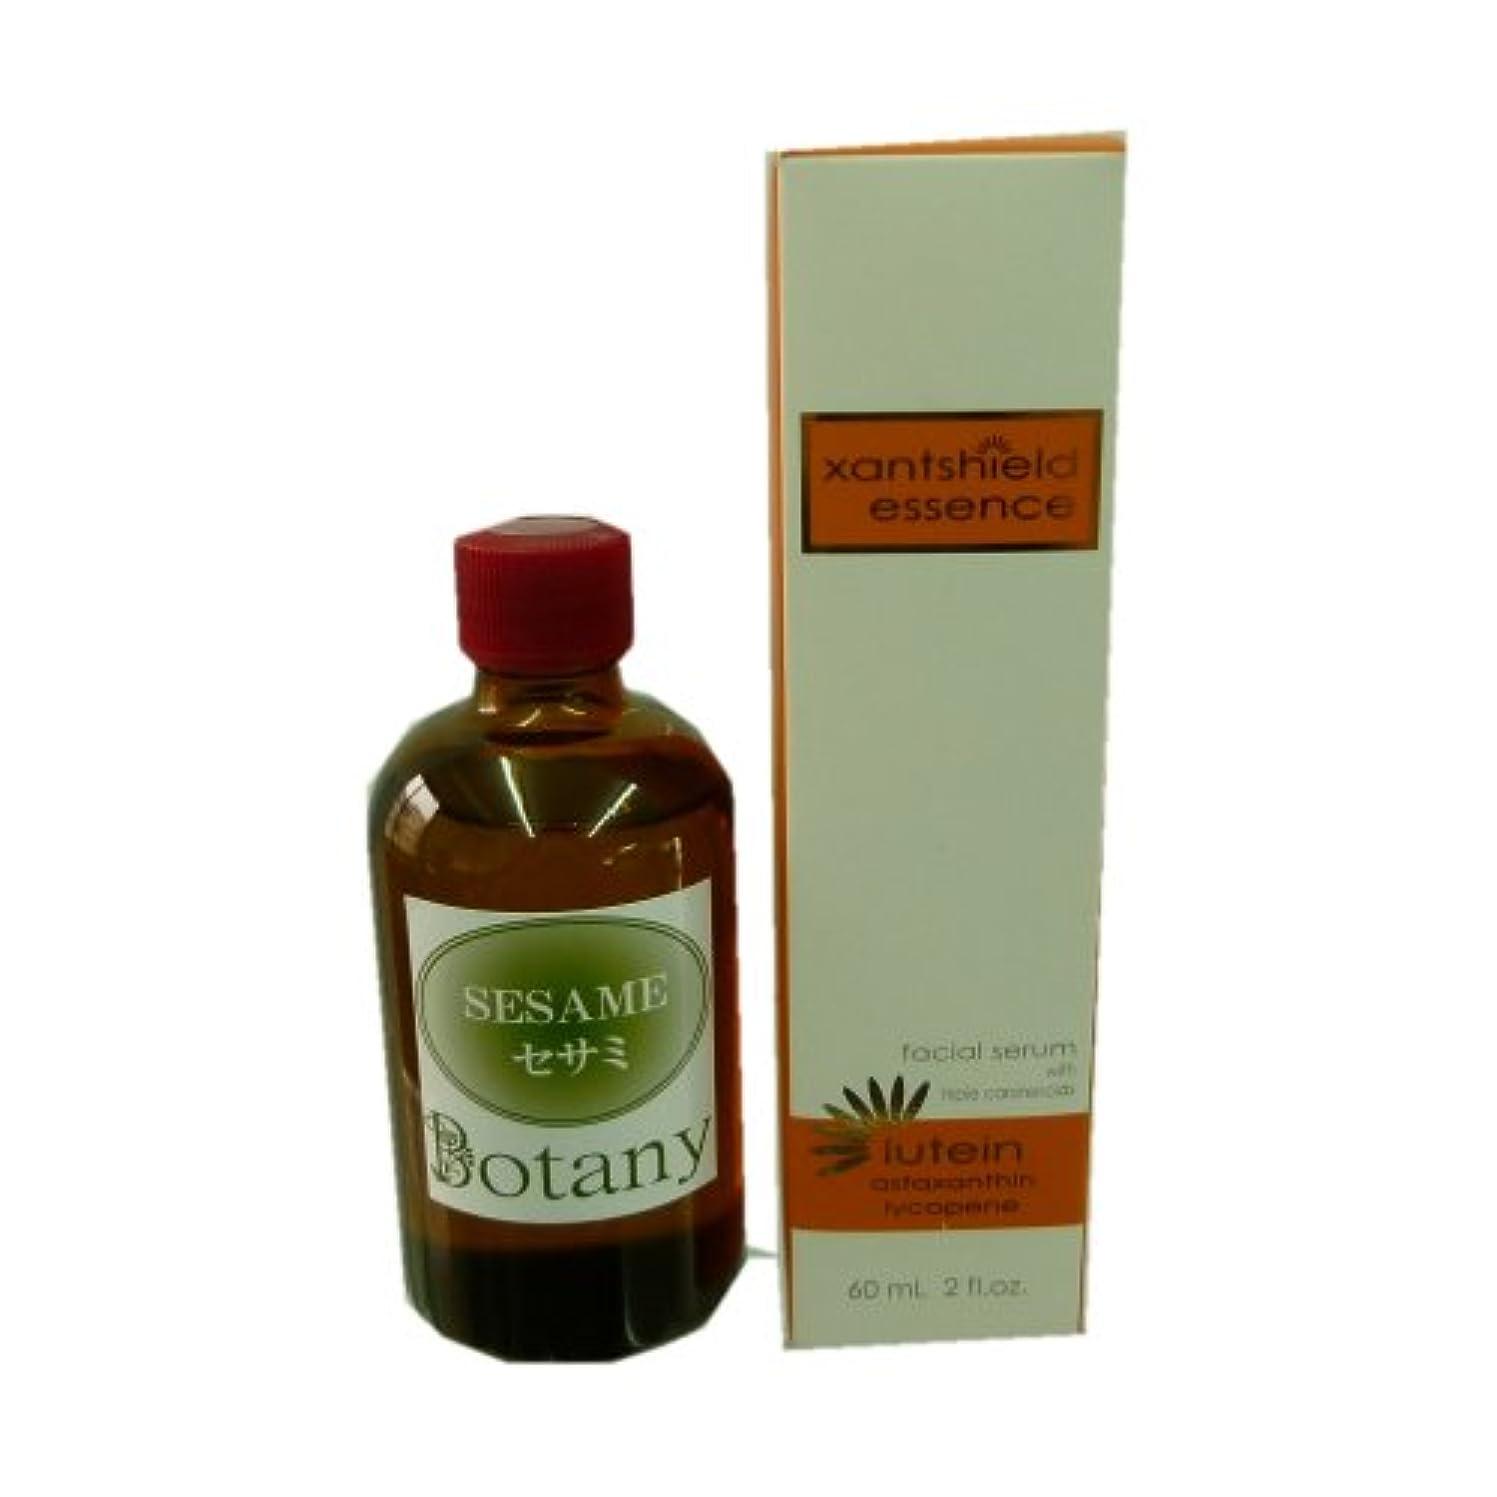 モザイク想像力武器サンシールドエッセンス美容液+Botanyセサミオイル